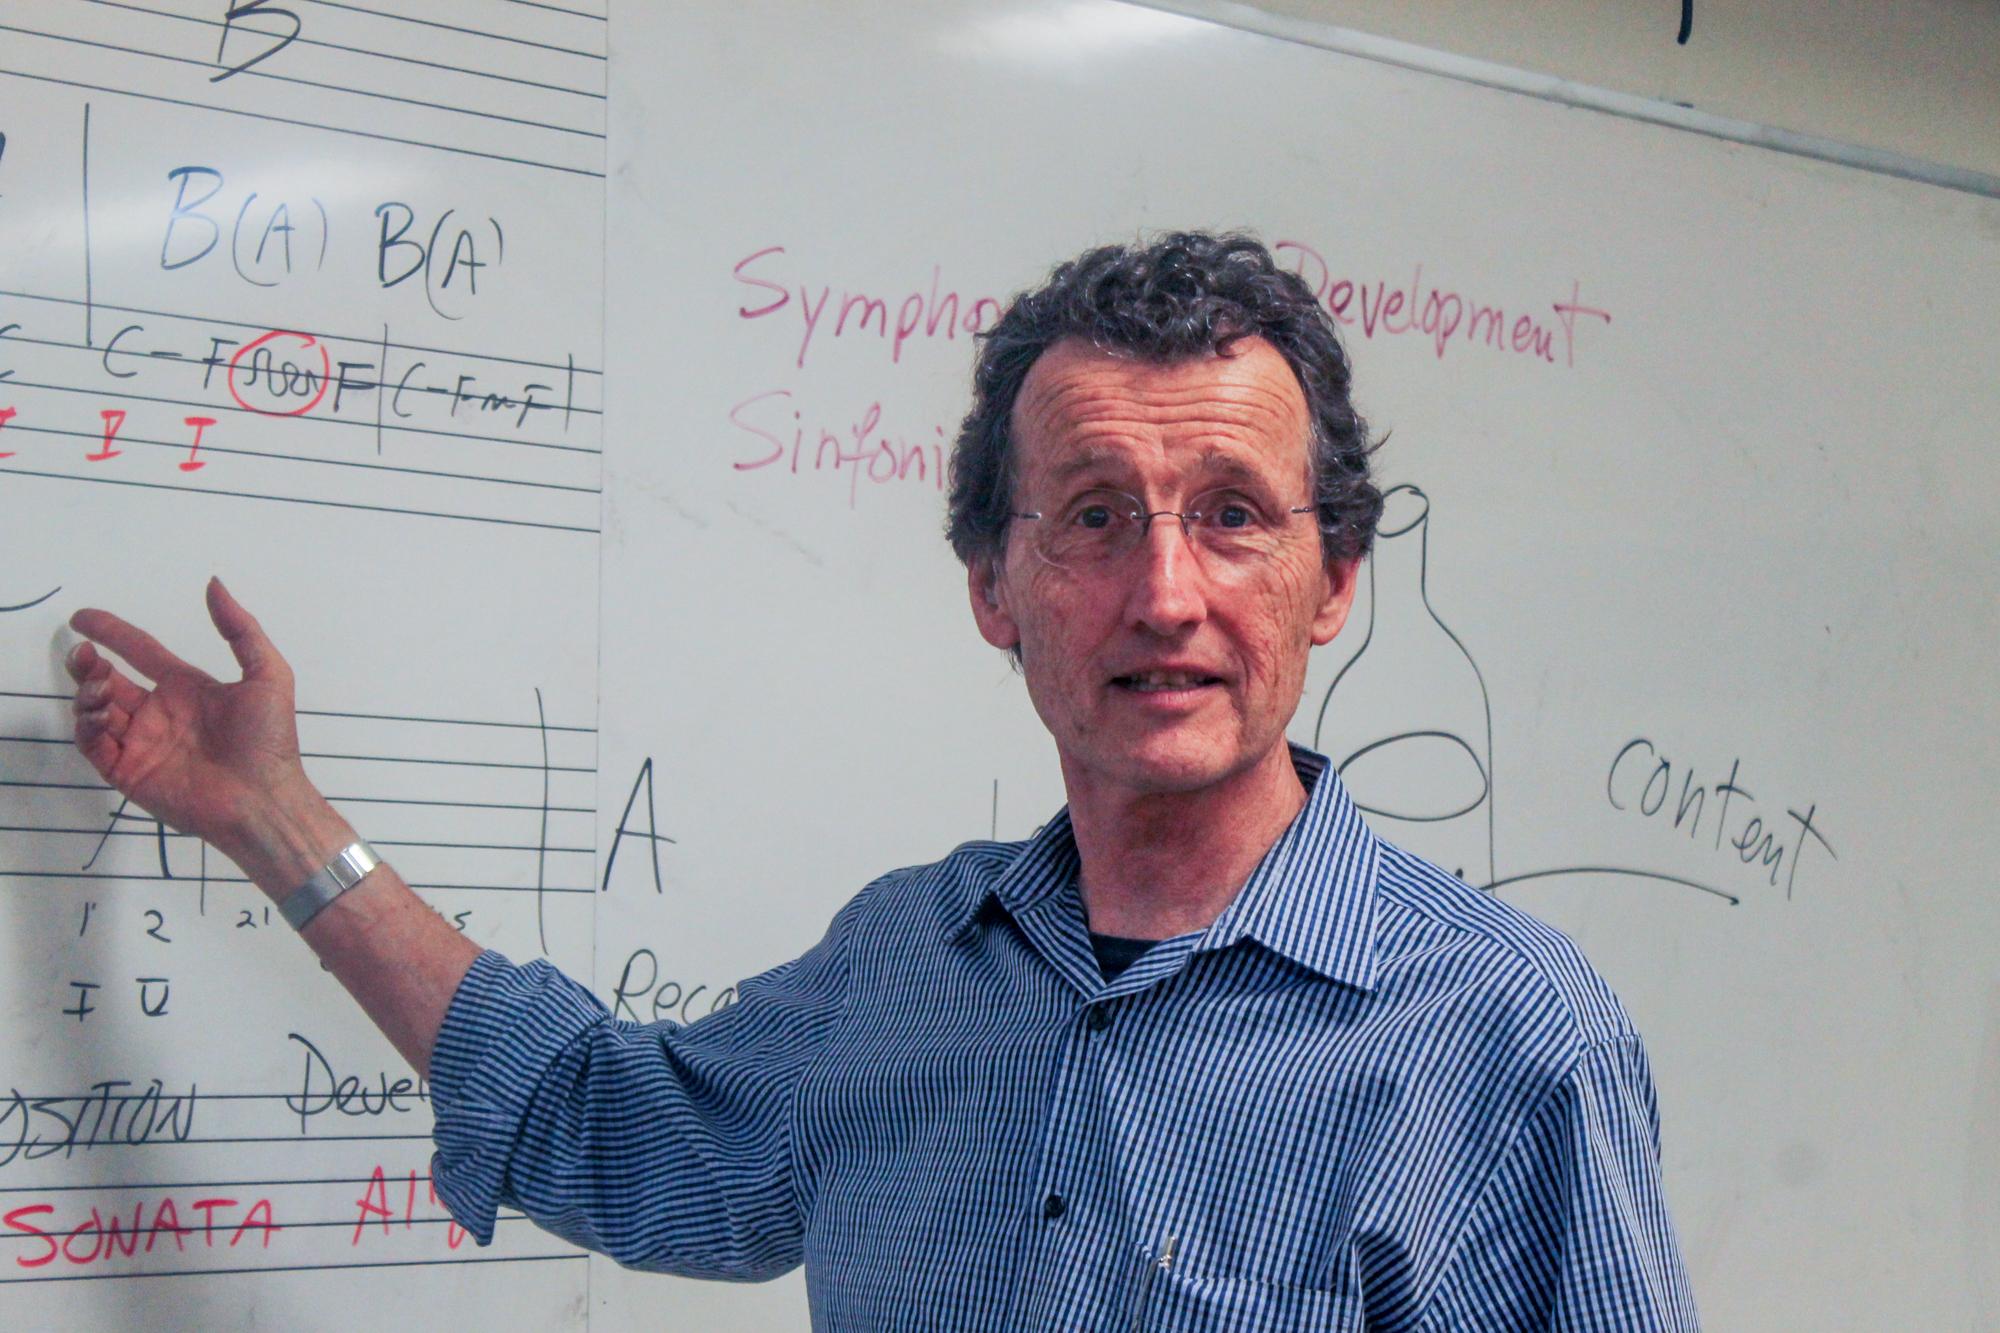 Classical guitar teacher is also a Grammy Award winner